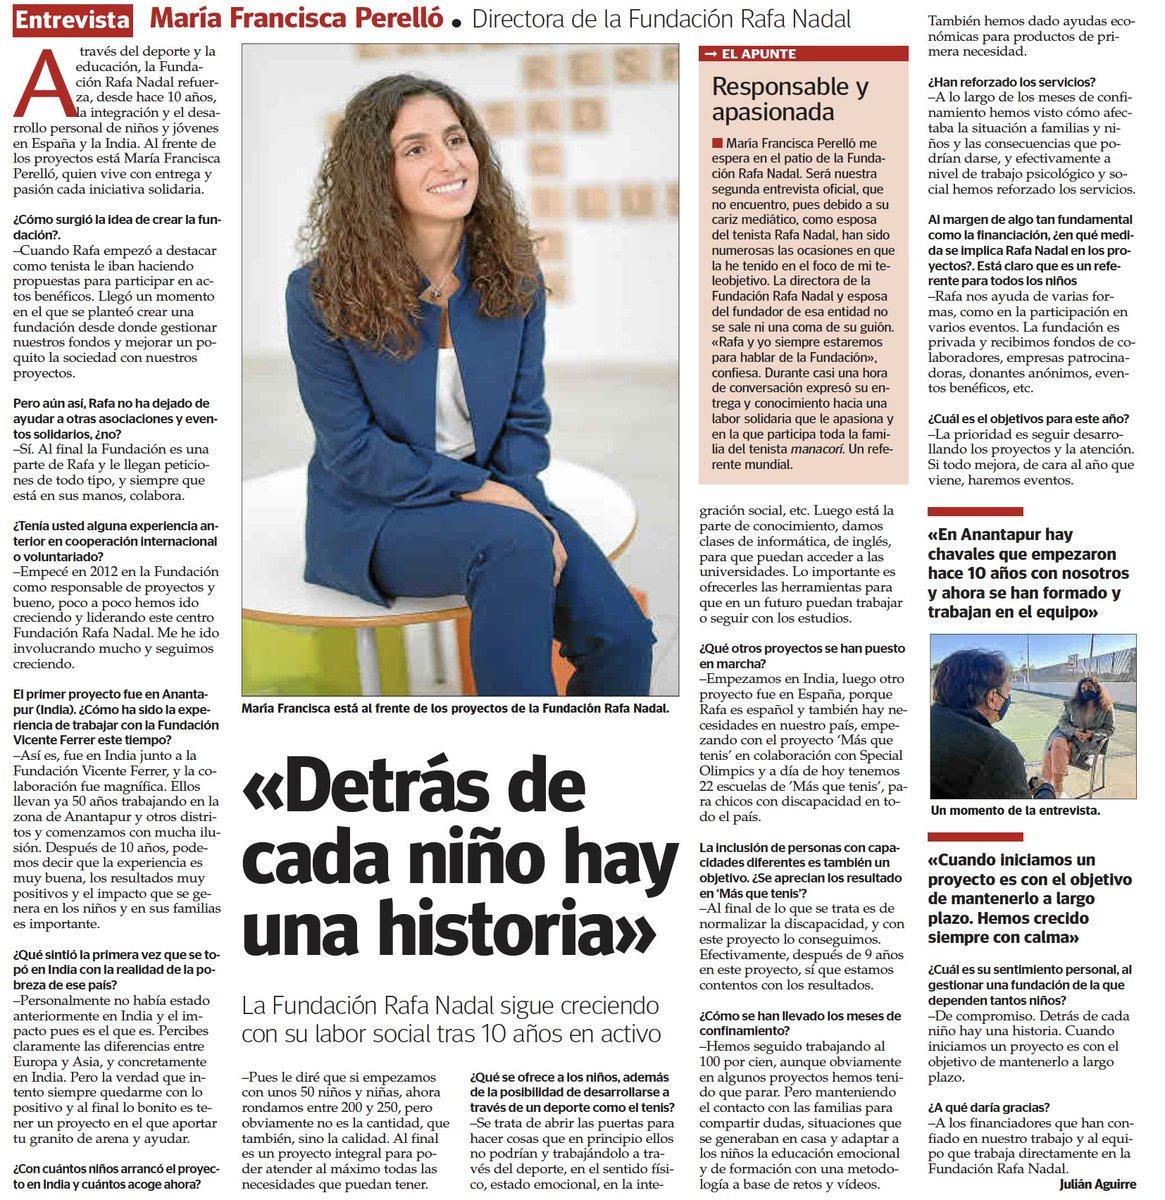 """""""Detrás de cada niño hay una historia"""" dice M.F. Perelló en la entrevista con @UHmallorca sobre #FundaciónRafaNadal  ⬇️⬇️⬇️⬇️⬇️"""